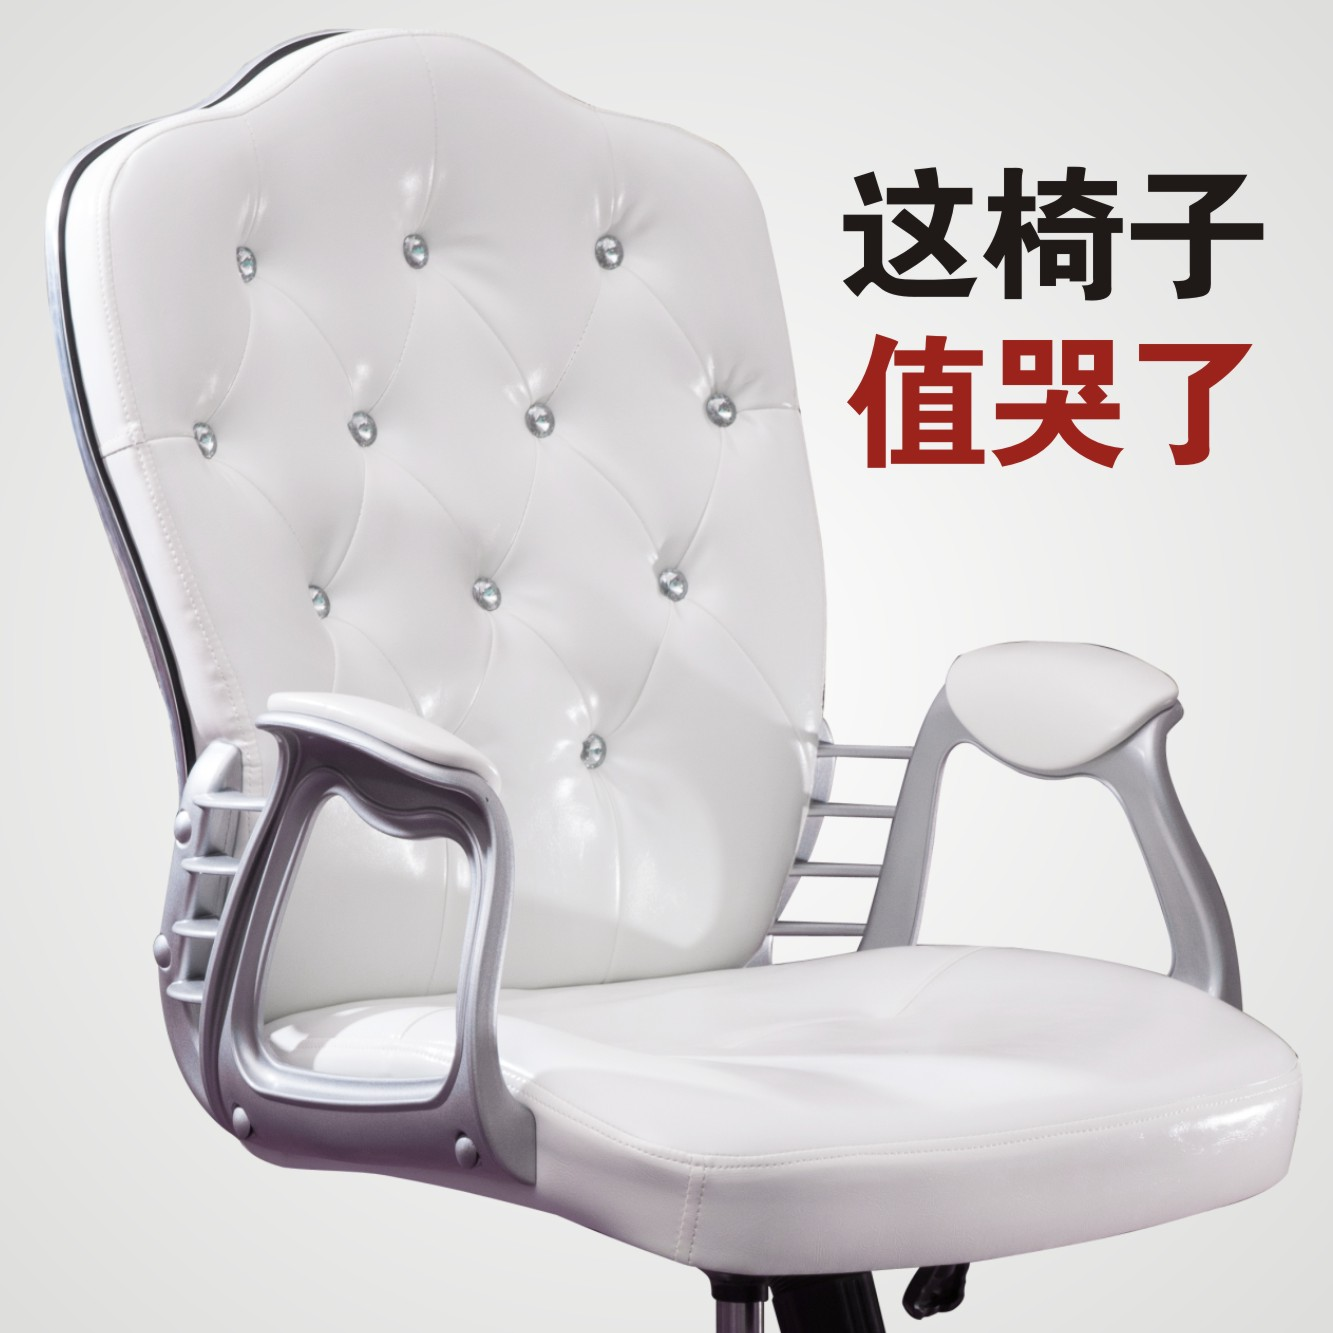 Офисные стулья / Компьютерные кресла Артикул 543542286544